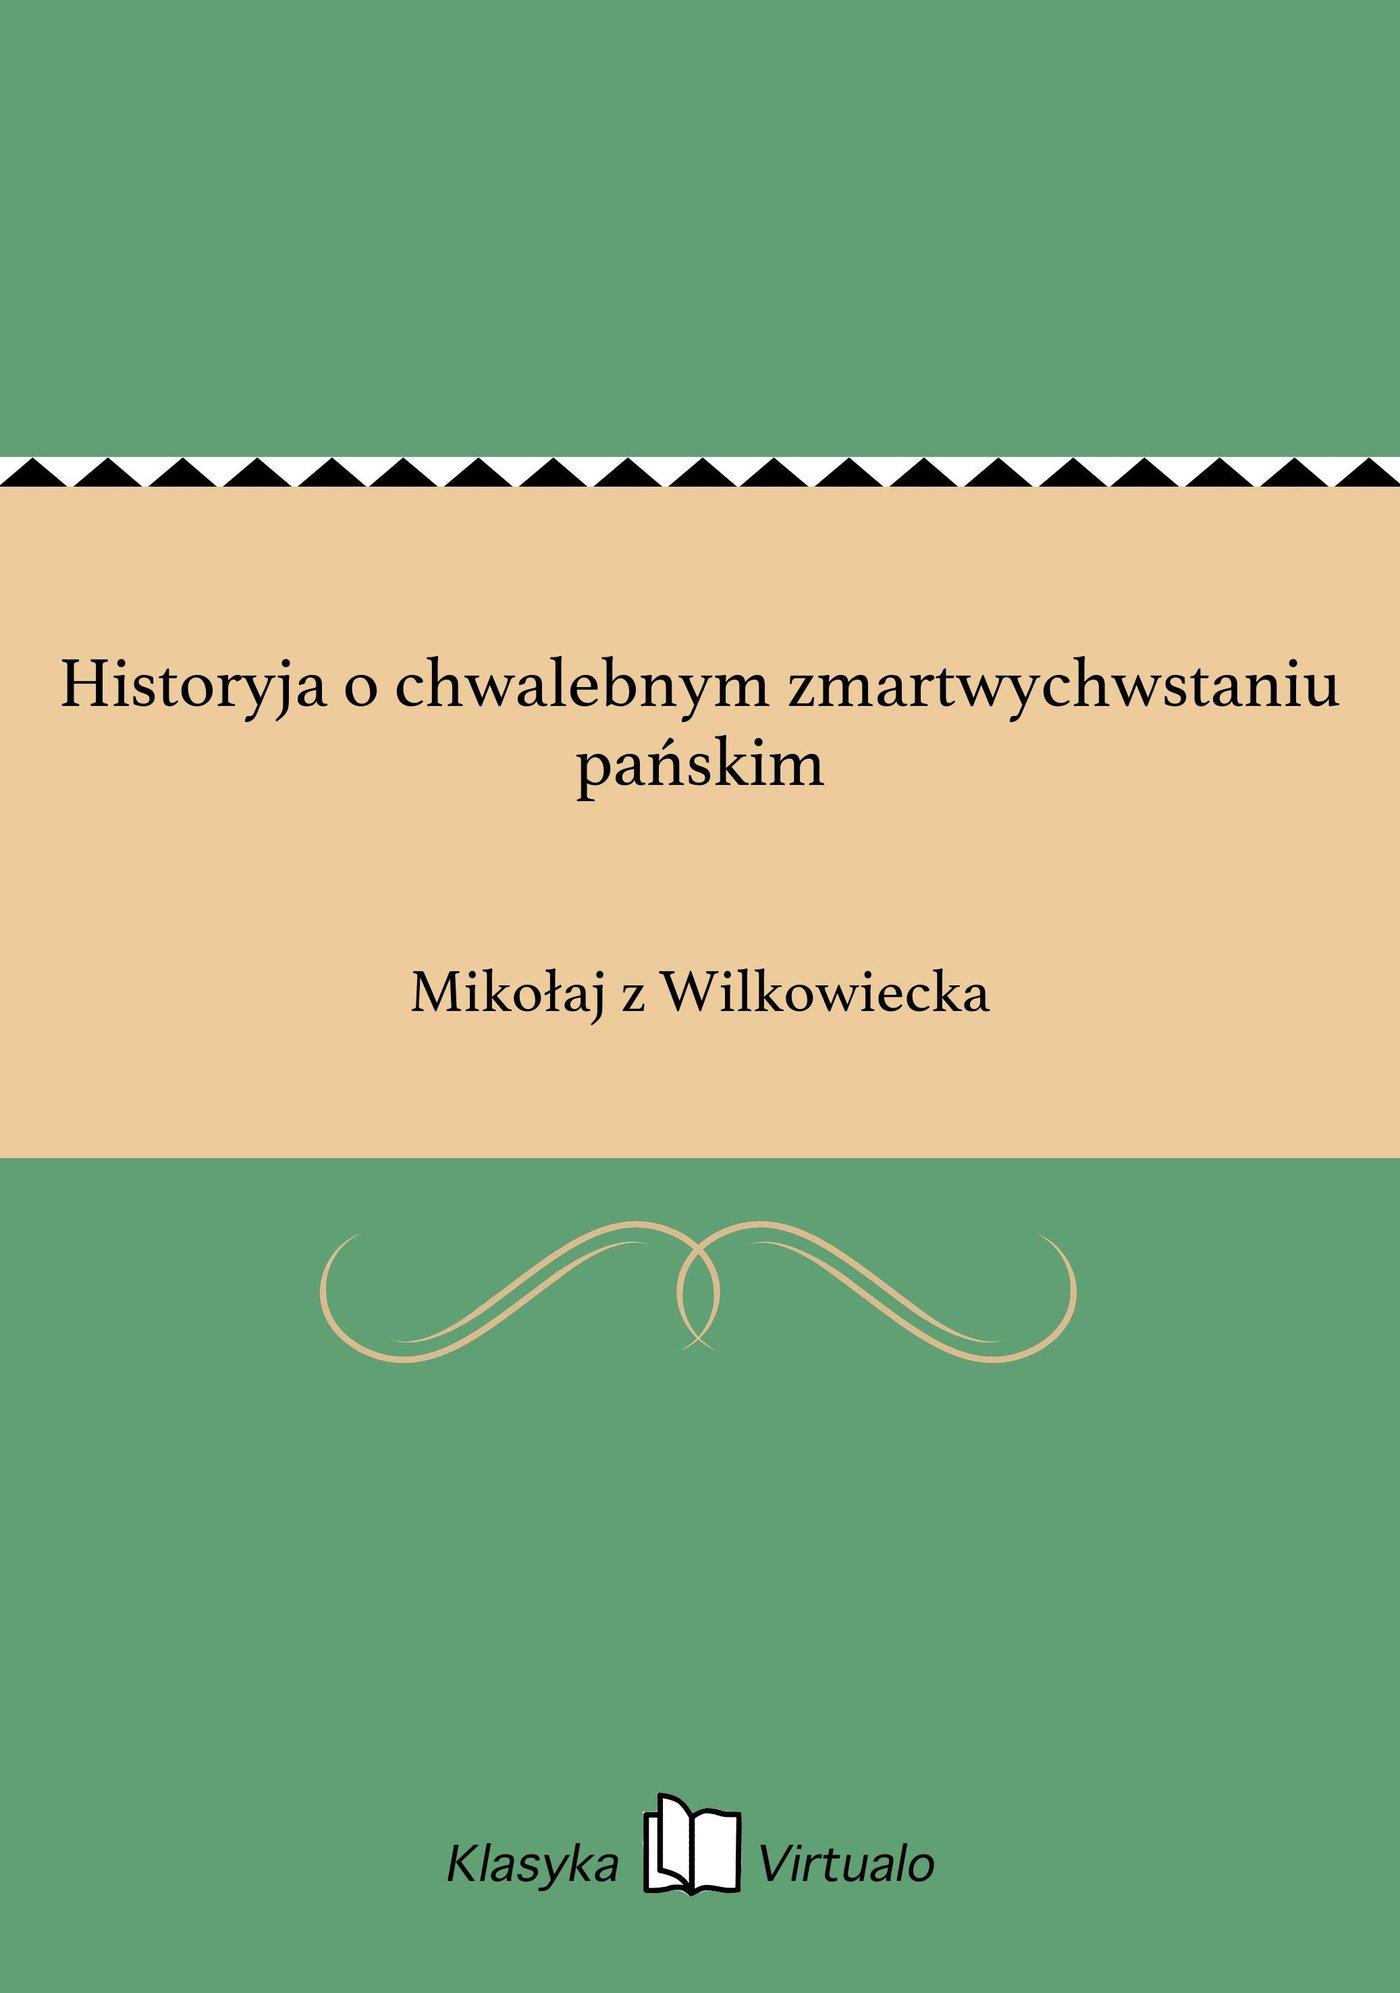 Historyja o chwalebnym zmartwychwstaniu pańskim - Ebook (Książka EPUB) do pobrania w formacie EPUB